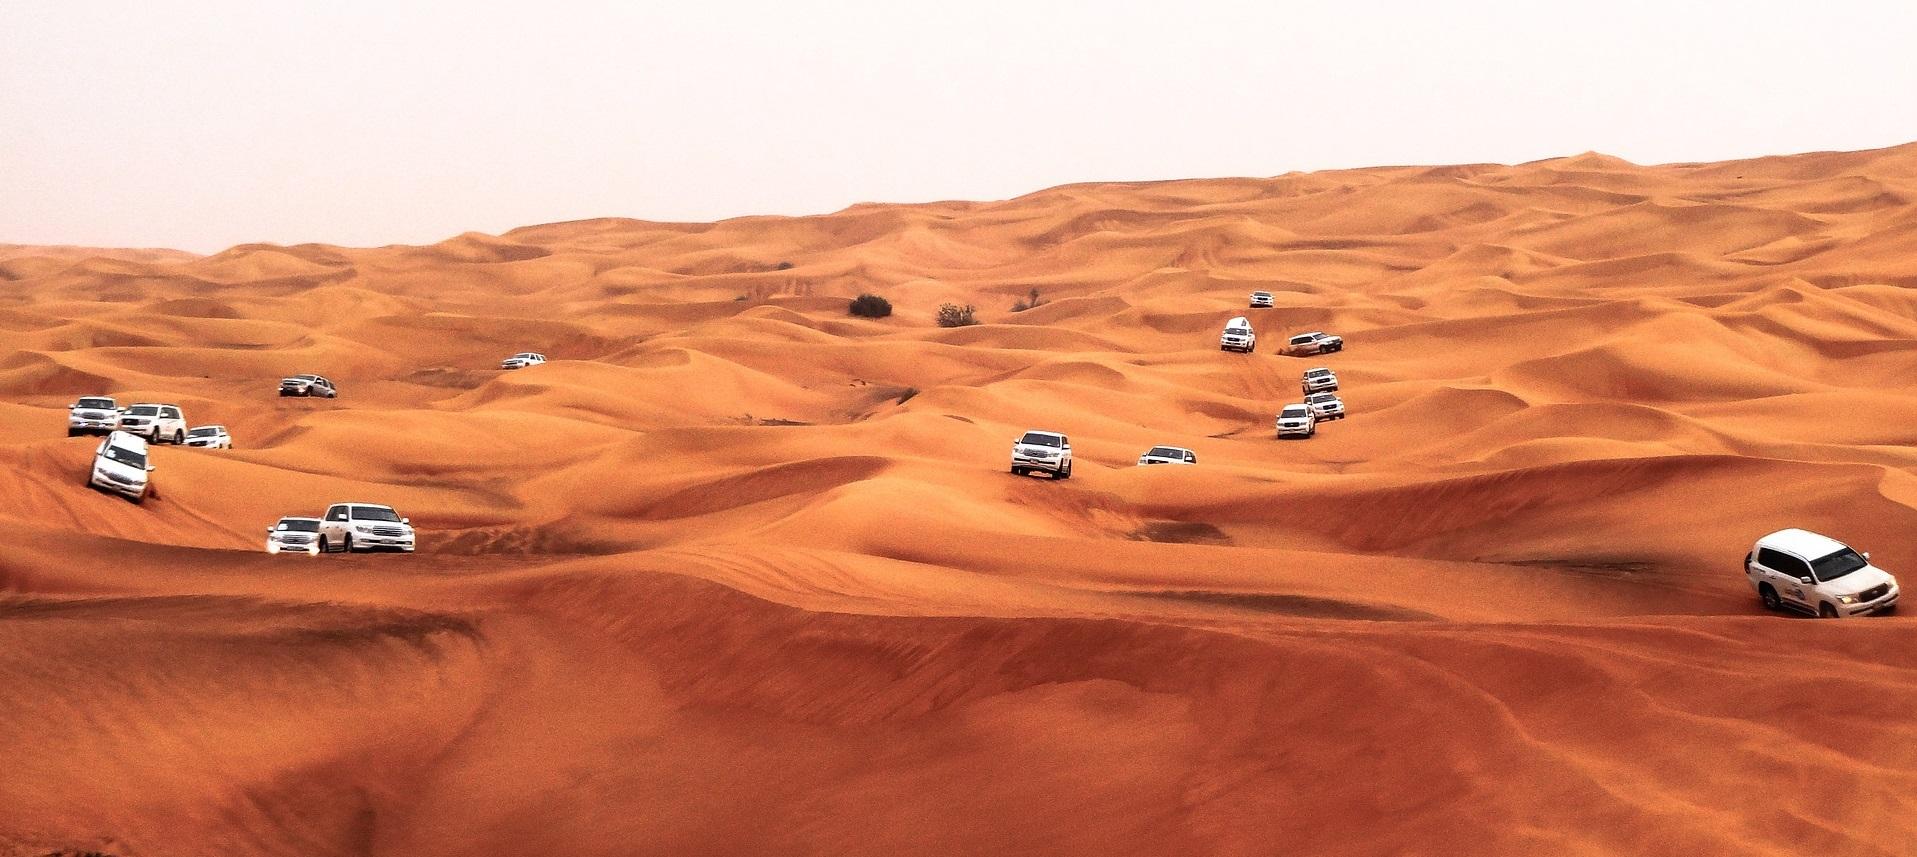 سافاری دبی ، هیجان خوشگذرانی به سبک صحرانشینها